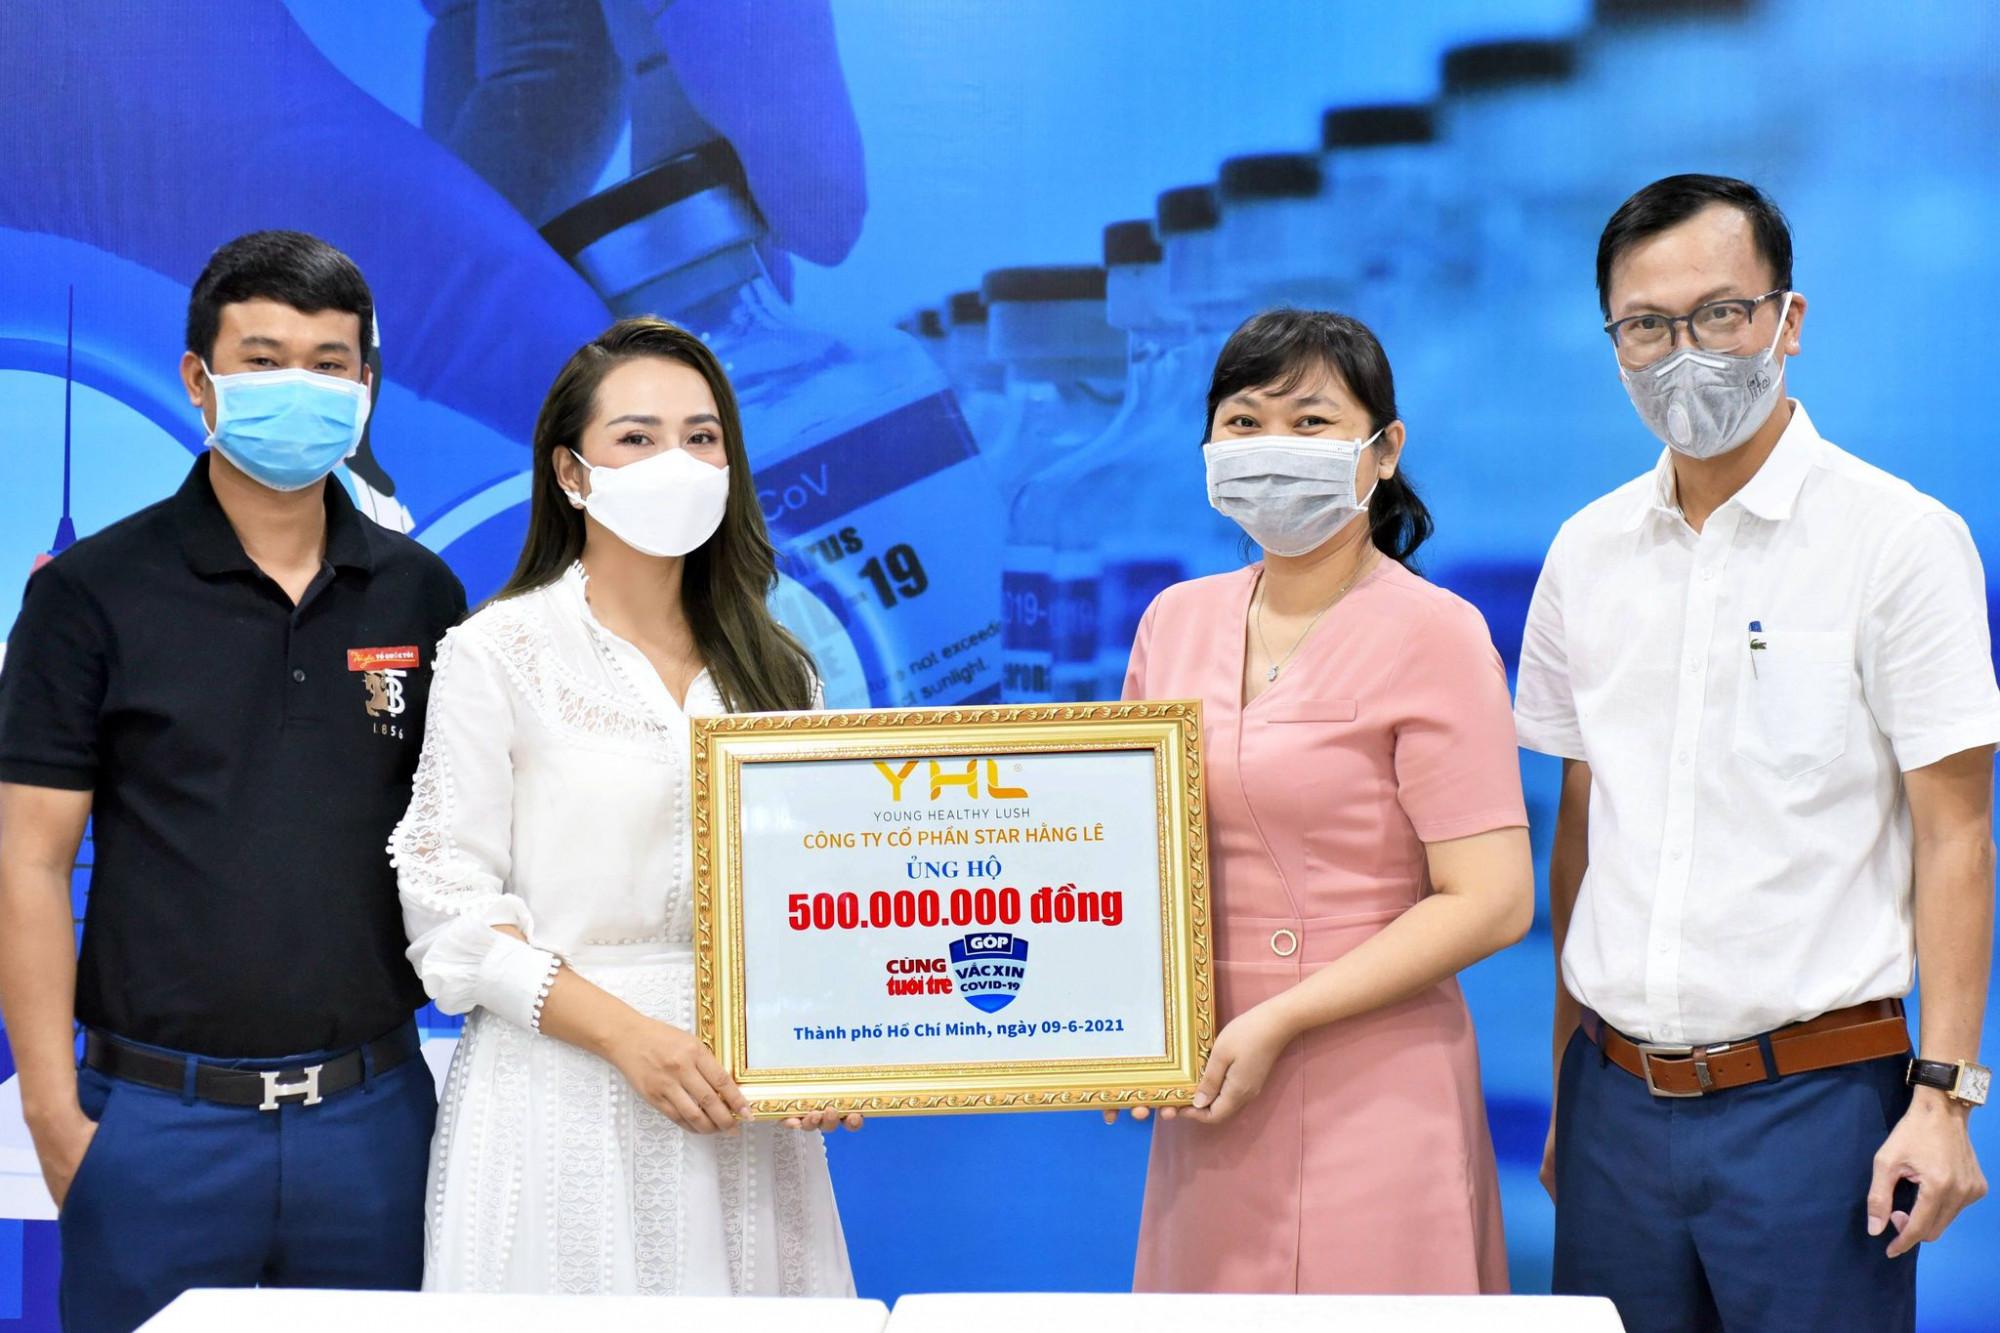 Bà Hằng Lê - người sáng lập YHL Star Hằng Lê và ông Lê Quang Hải - Tổng giám đốc công ty trao 500 triệu đồng cho Quỹ vắc-xin phòng, chống COVID-19